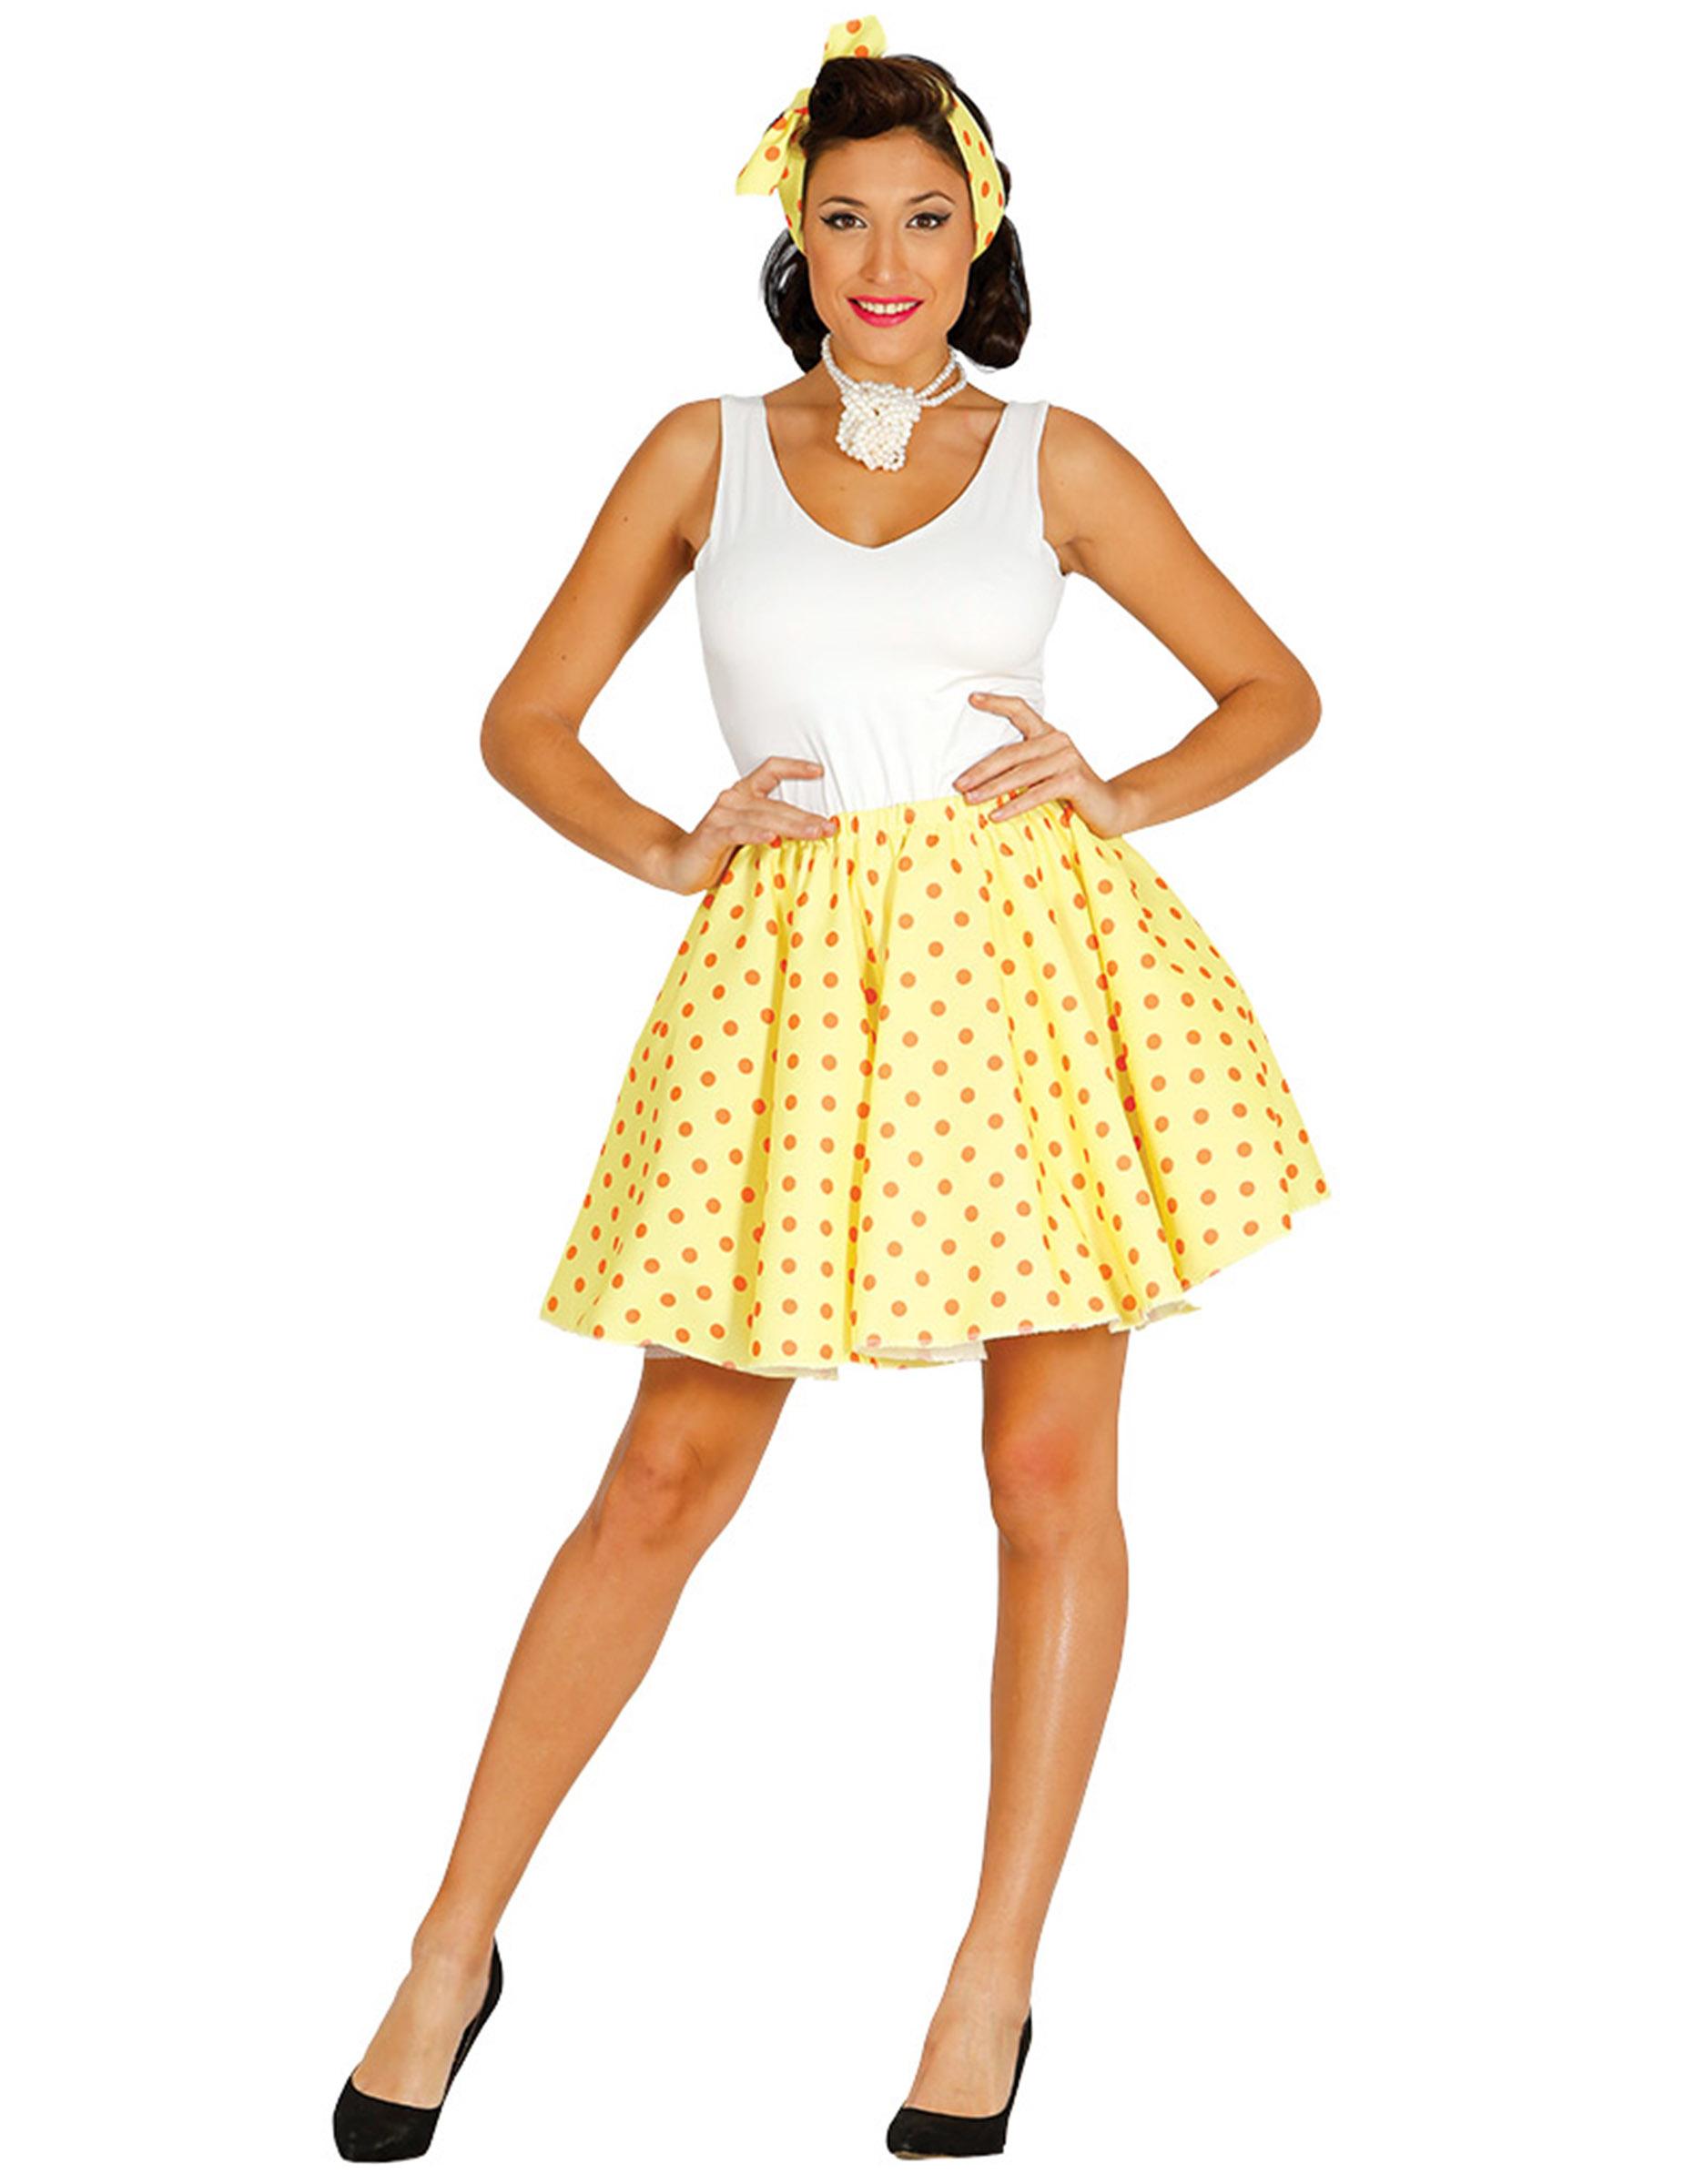 jupe et foulard jaune pois ann es 50 femme deguise toi achat de accessoires. Black Bedroom Furniture Sets. Home Design Ideas